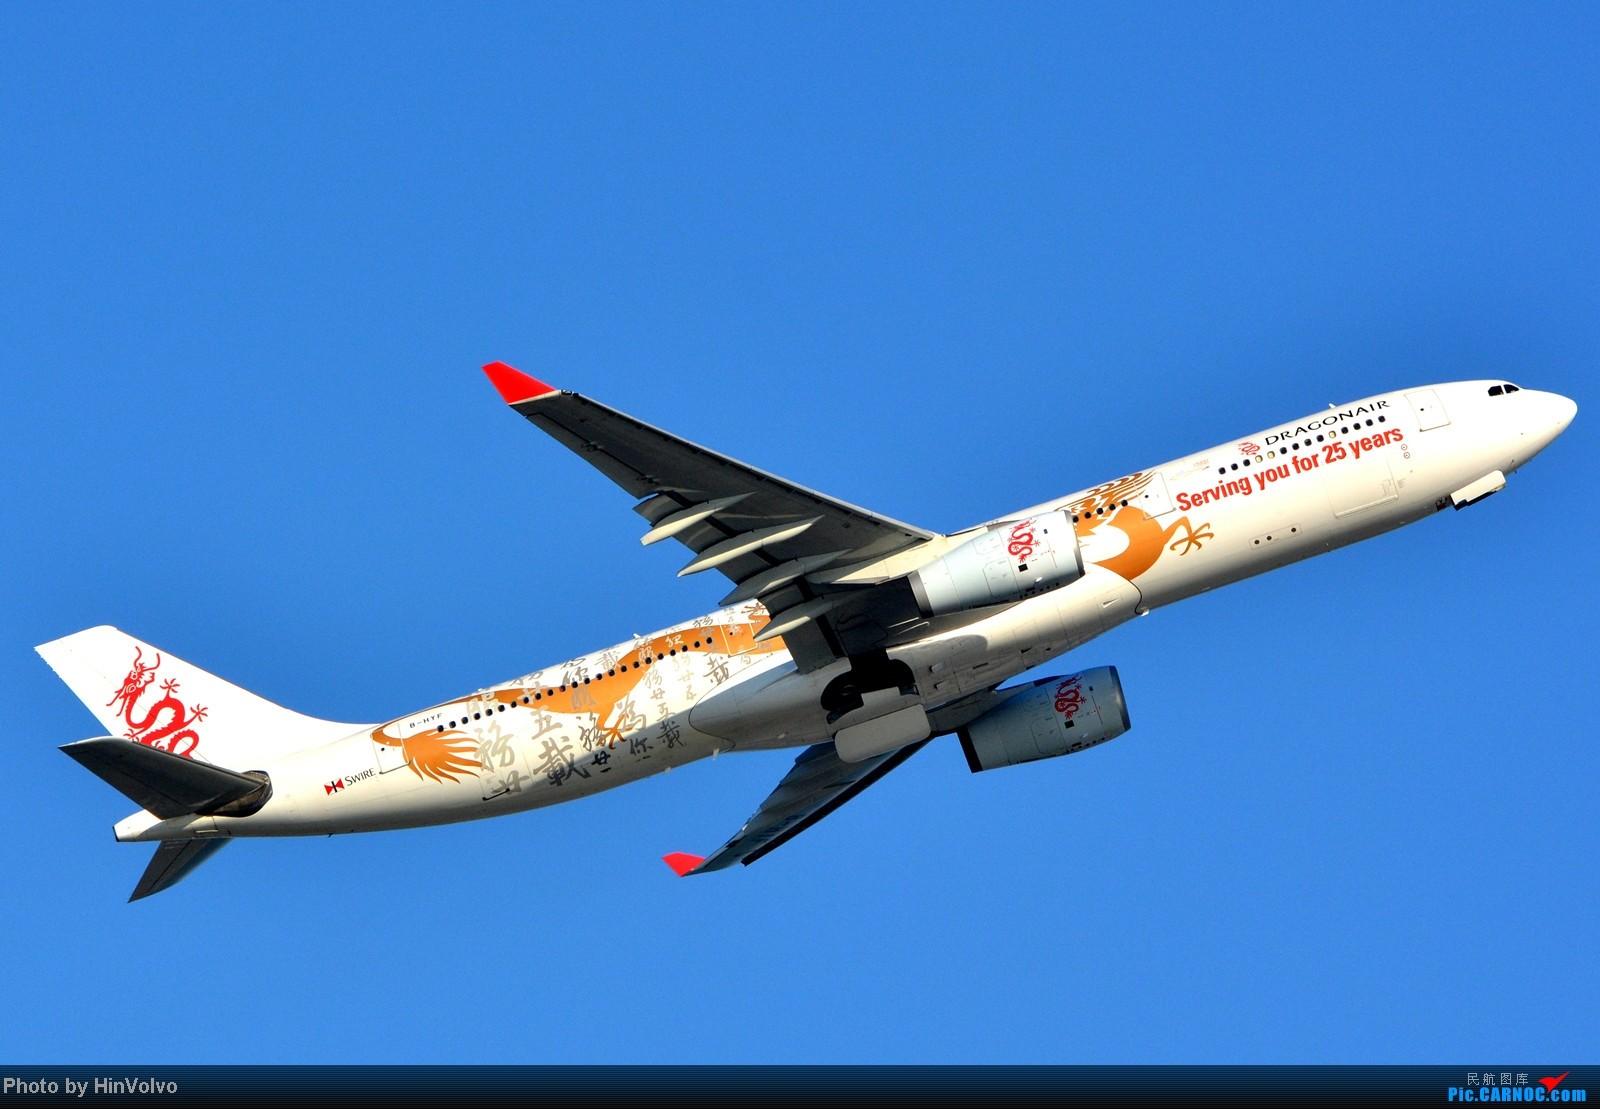 Re:[原创]~~~~多圖系列~~~HKG,早上好!寒冷的天氣出發前往機場拍到中午。 AIRBUS A330-300 B-HYF 中国香港赤鱲角机场